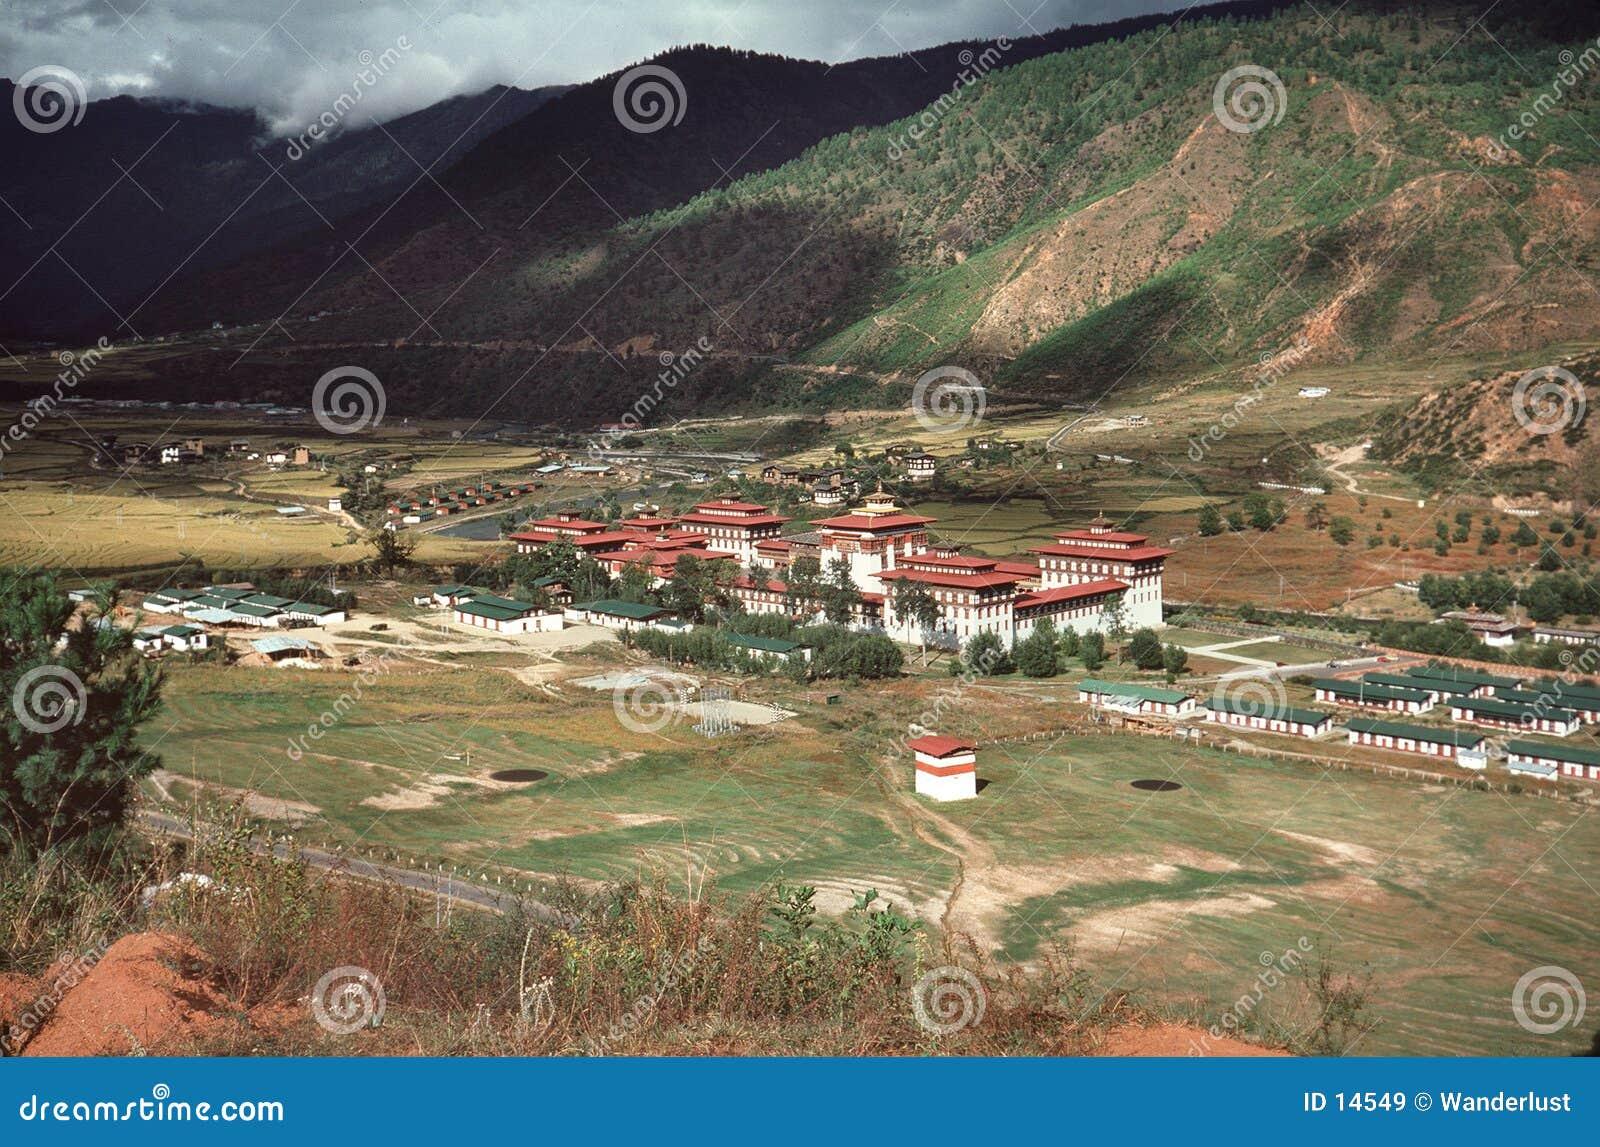 Bhutan by